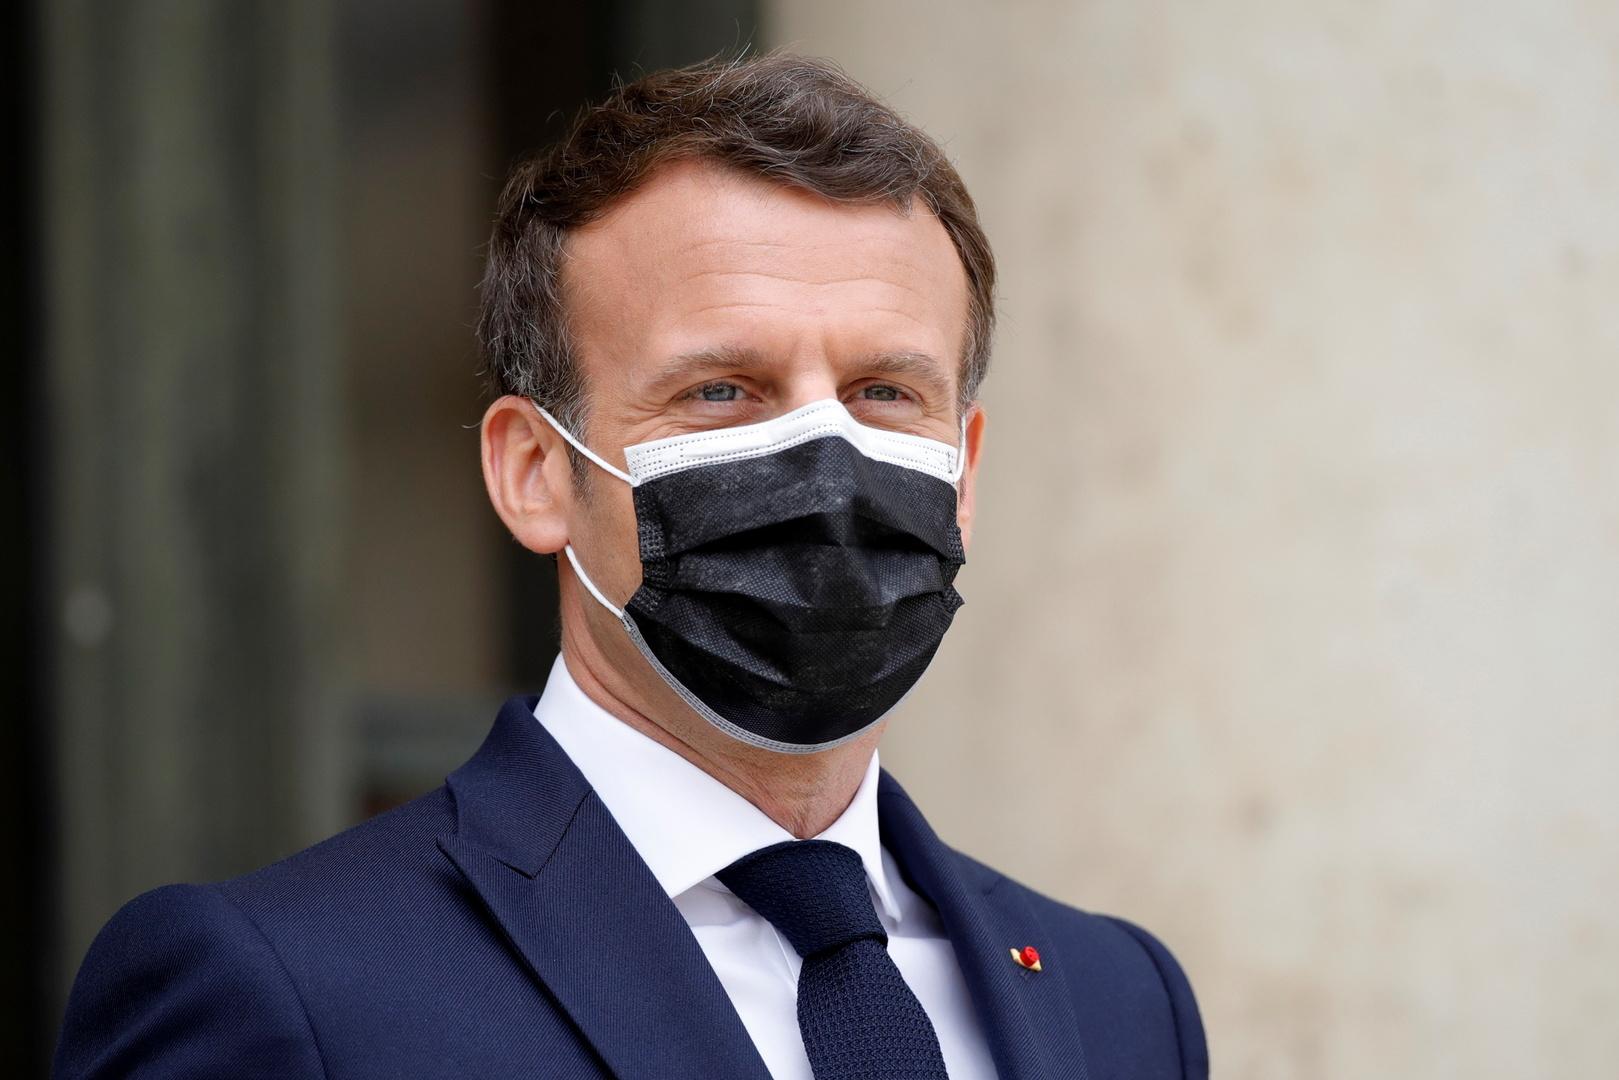 فرنسا تكافح مشكلات الصحة النفسية الناجمة لدى الأطفال عن جائحة كورونا